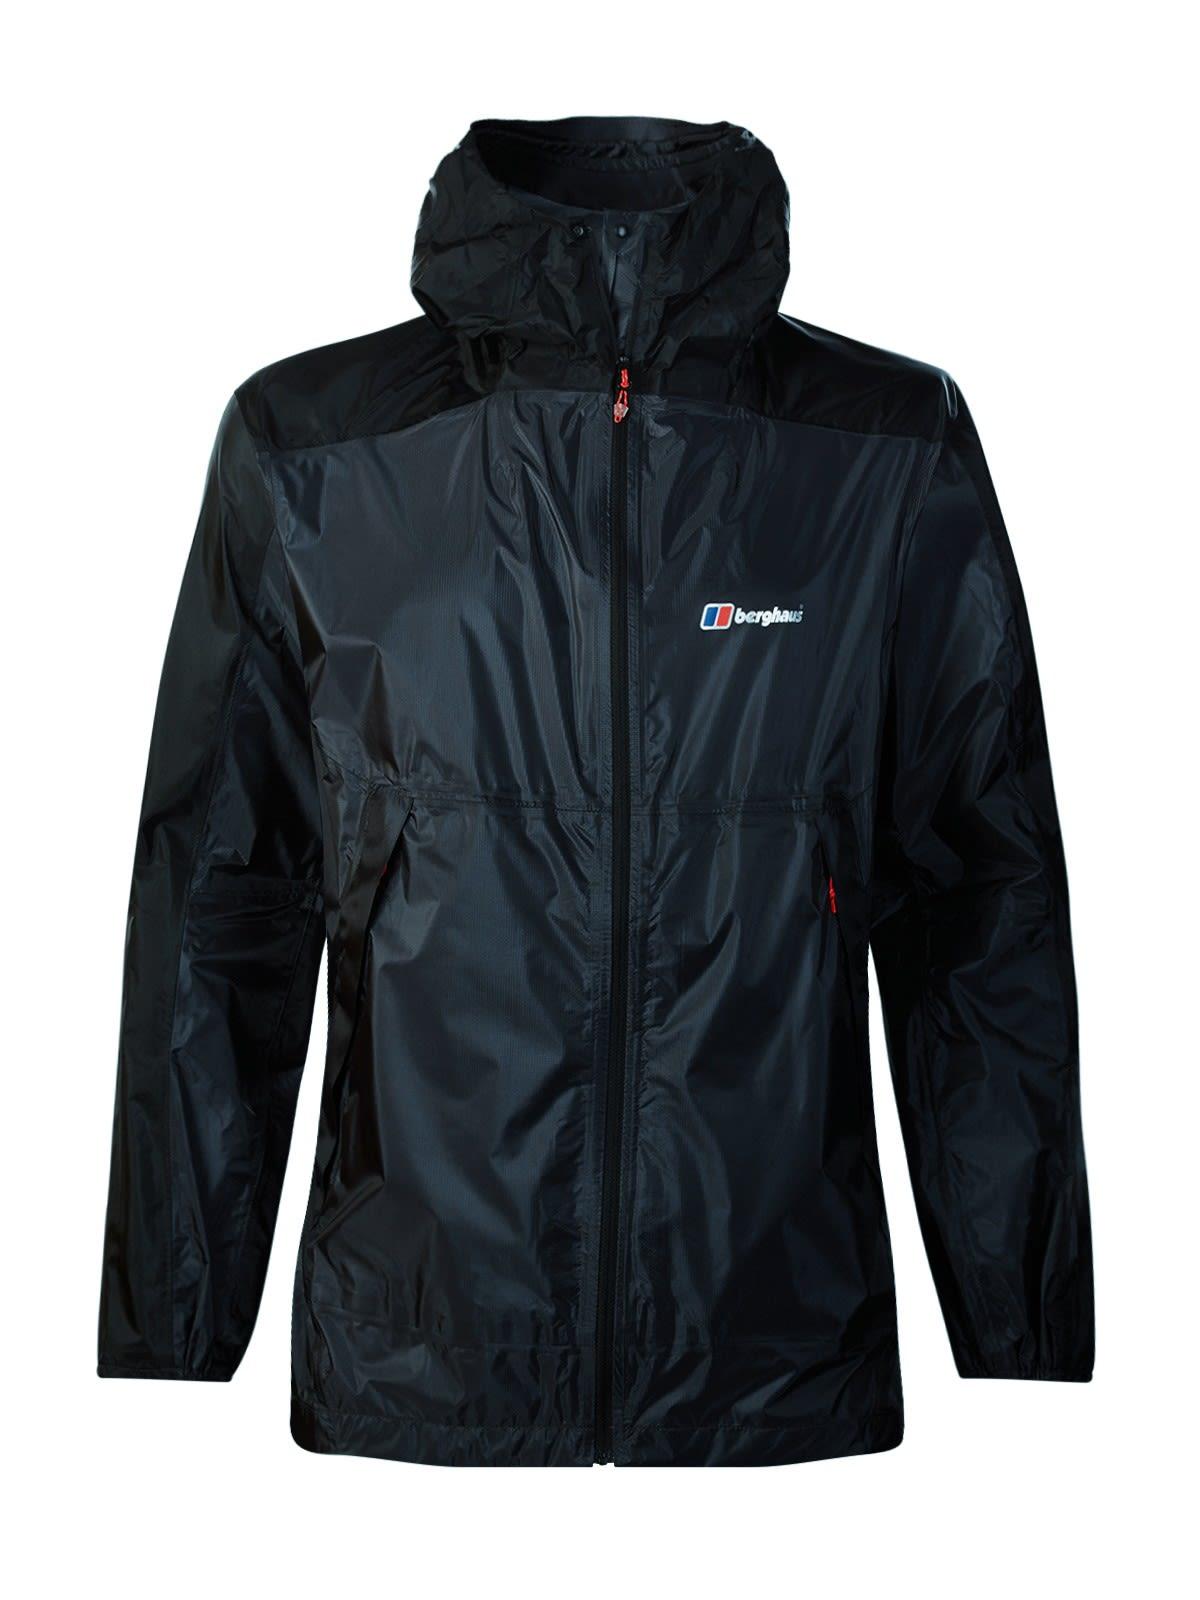 Berghaus M Fast Hike Shell Jacket | Größe L,XL,XXL | Herren Freizeitjacke